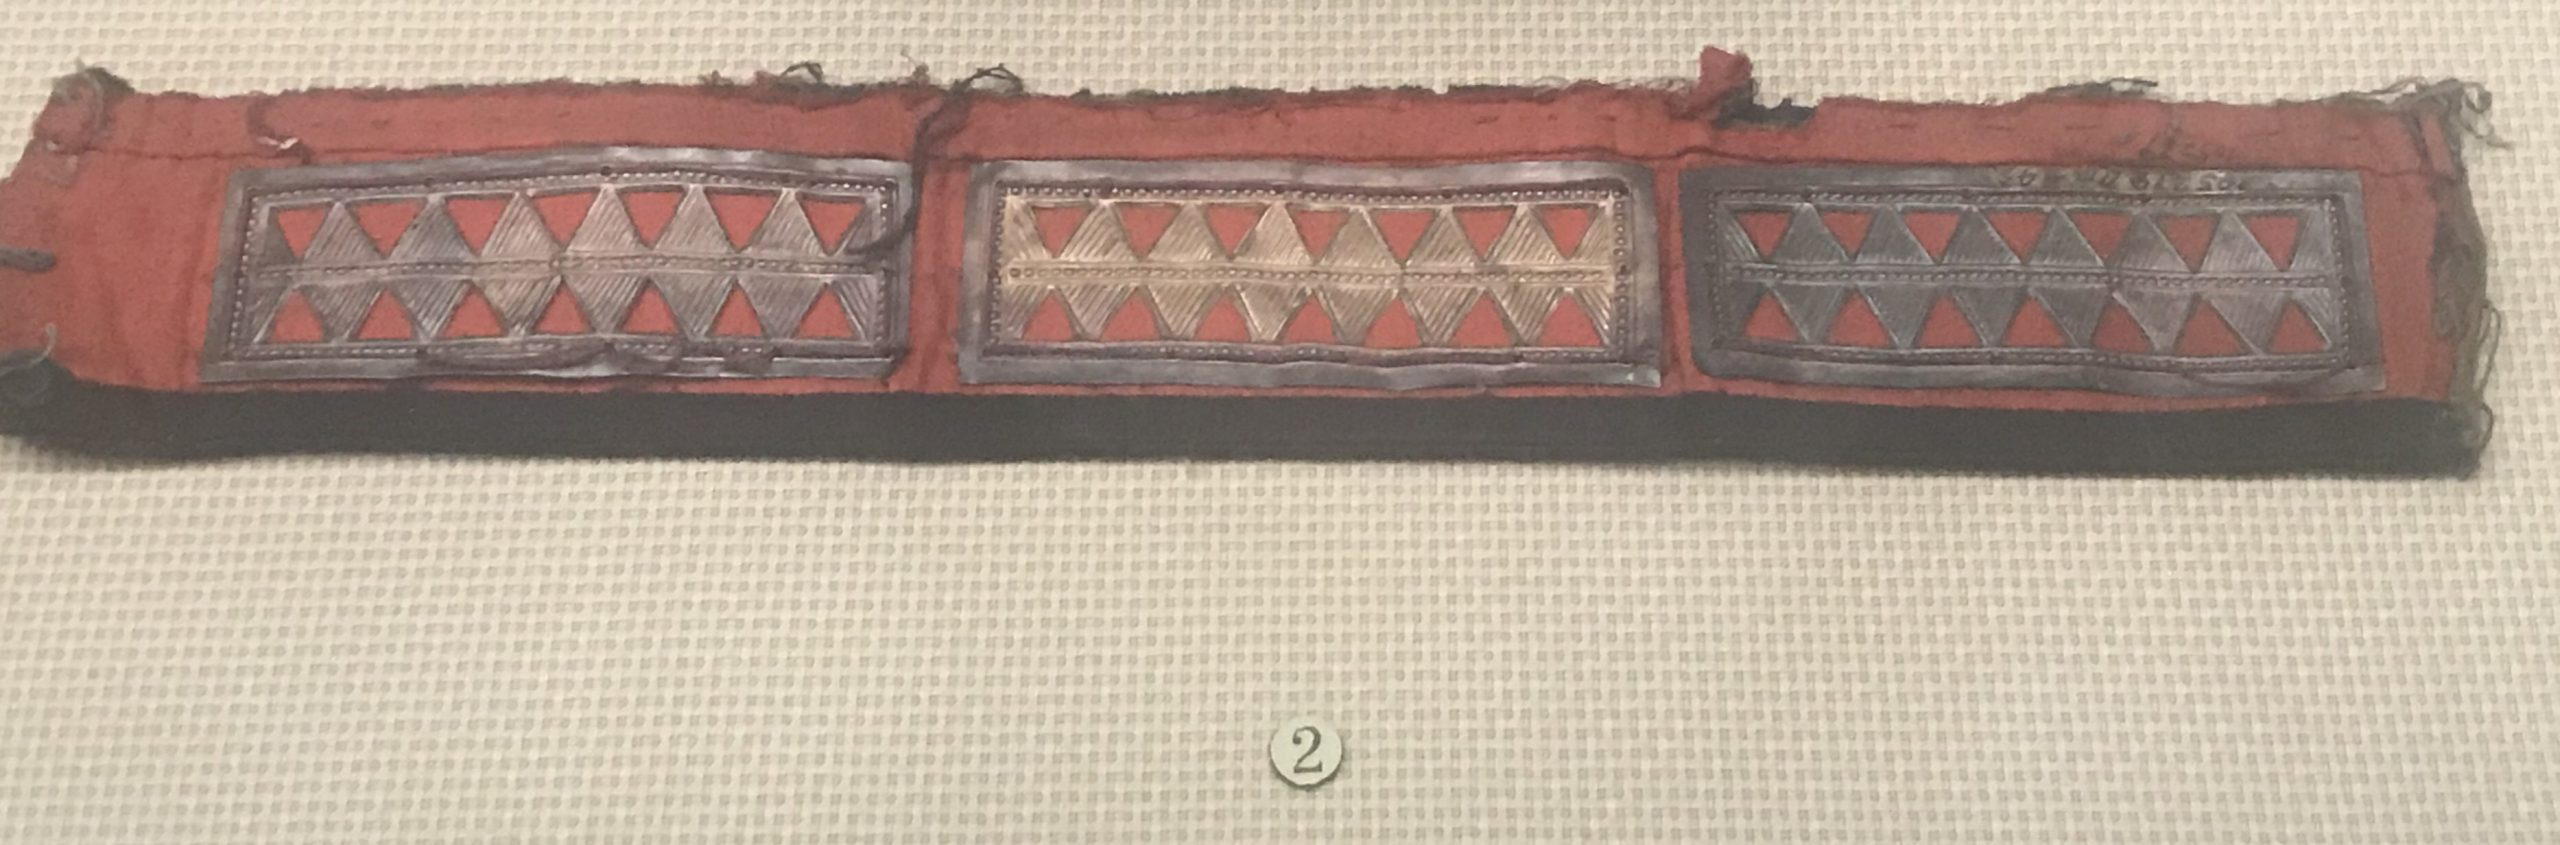 排形銀領花-棱形鏤空銀領飾--銀領ボタン-彜族アクセサリー-四川民族文物館-四川博物館-成都